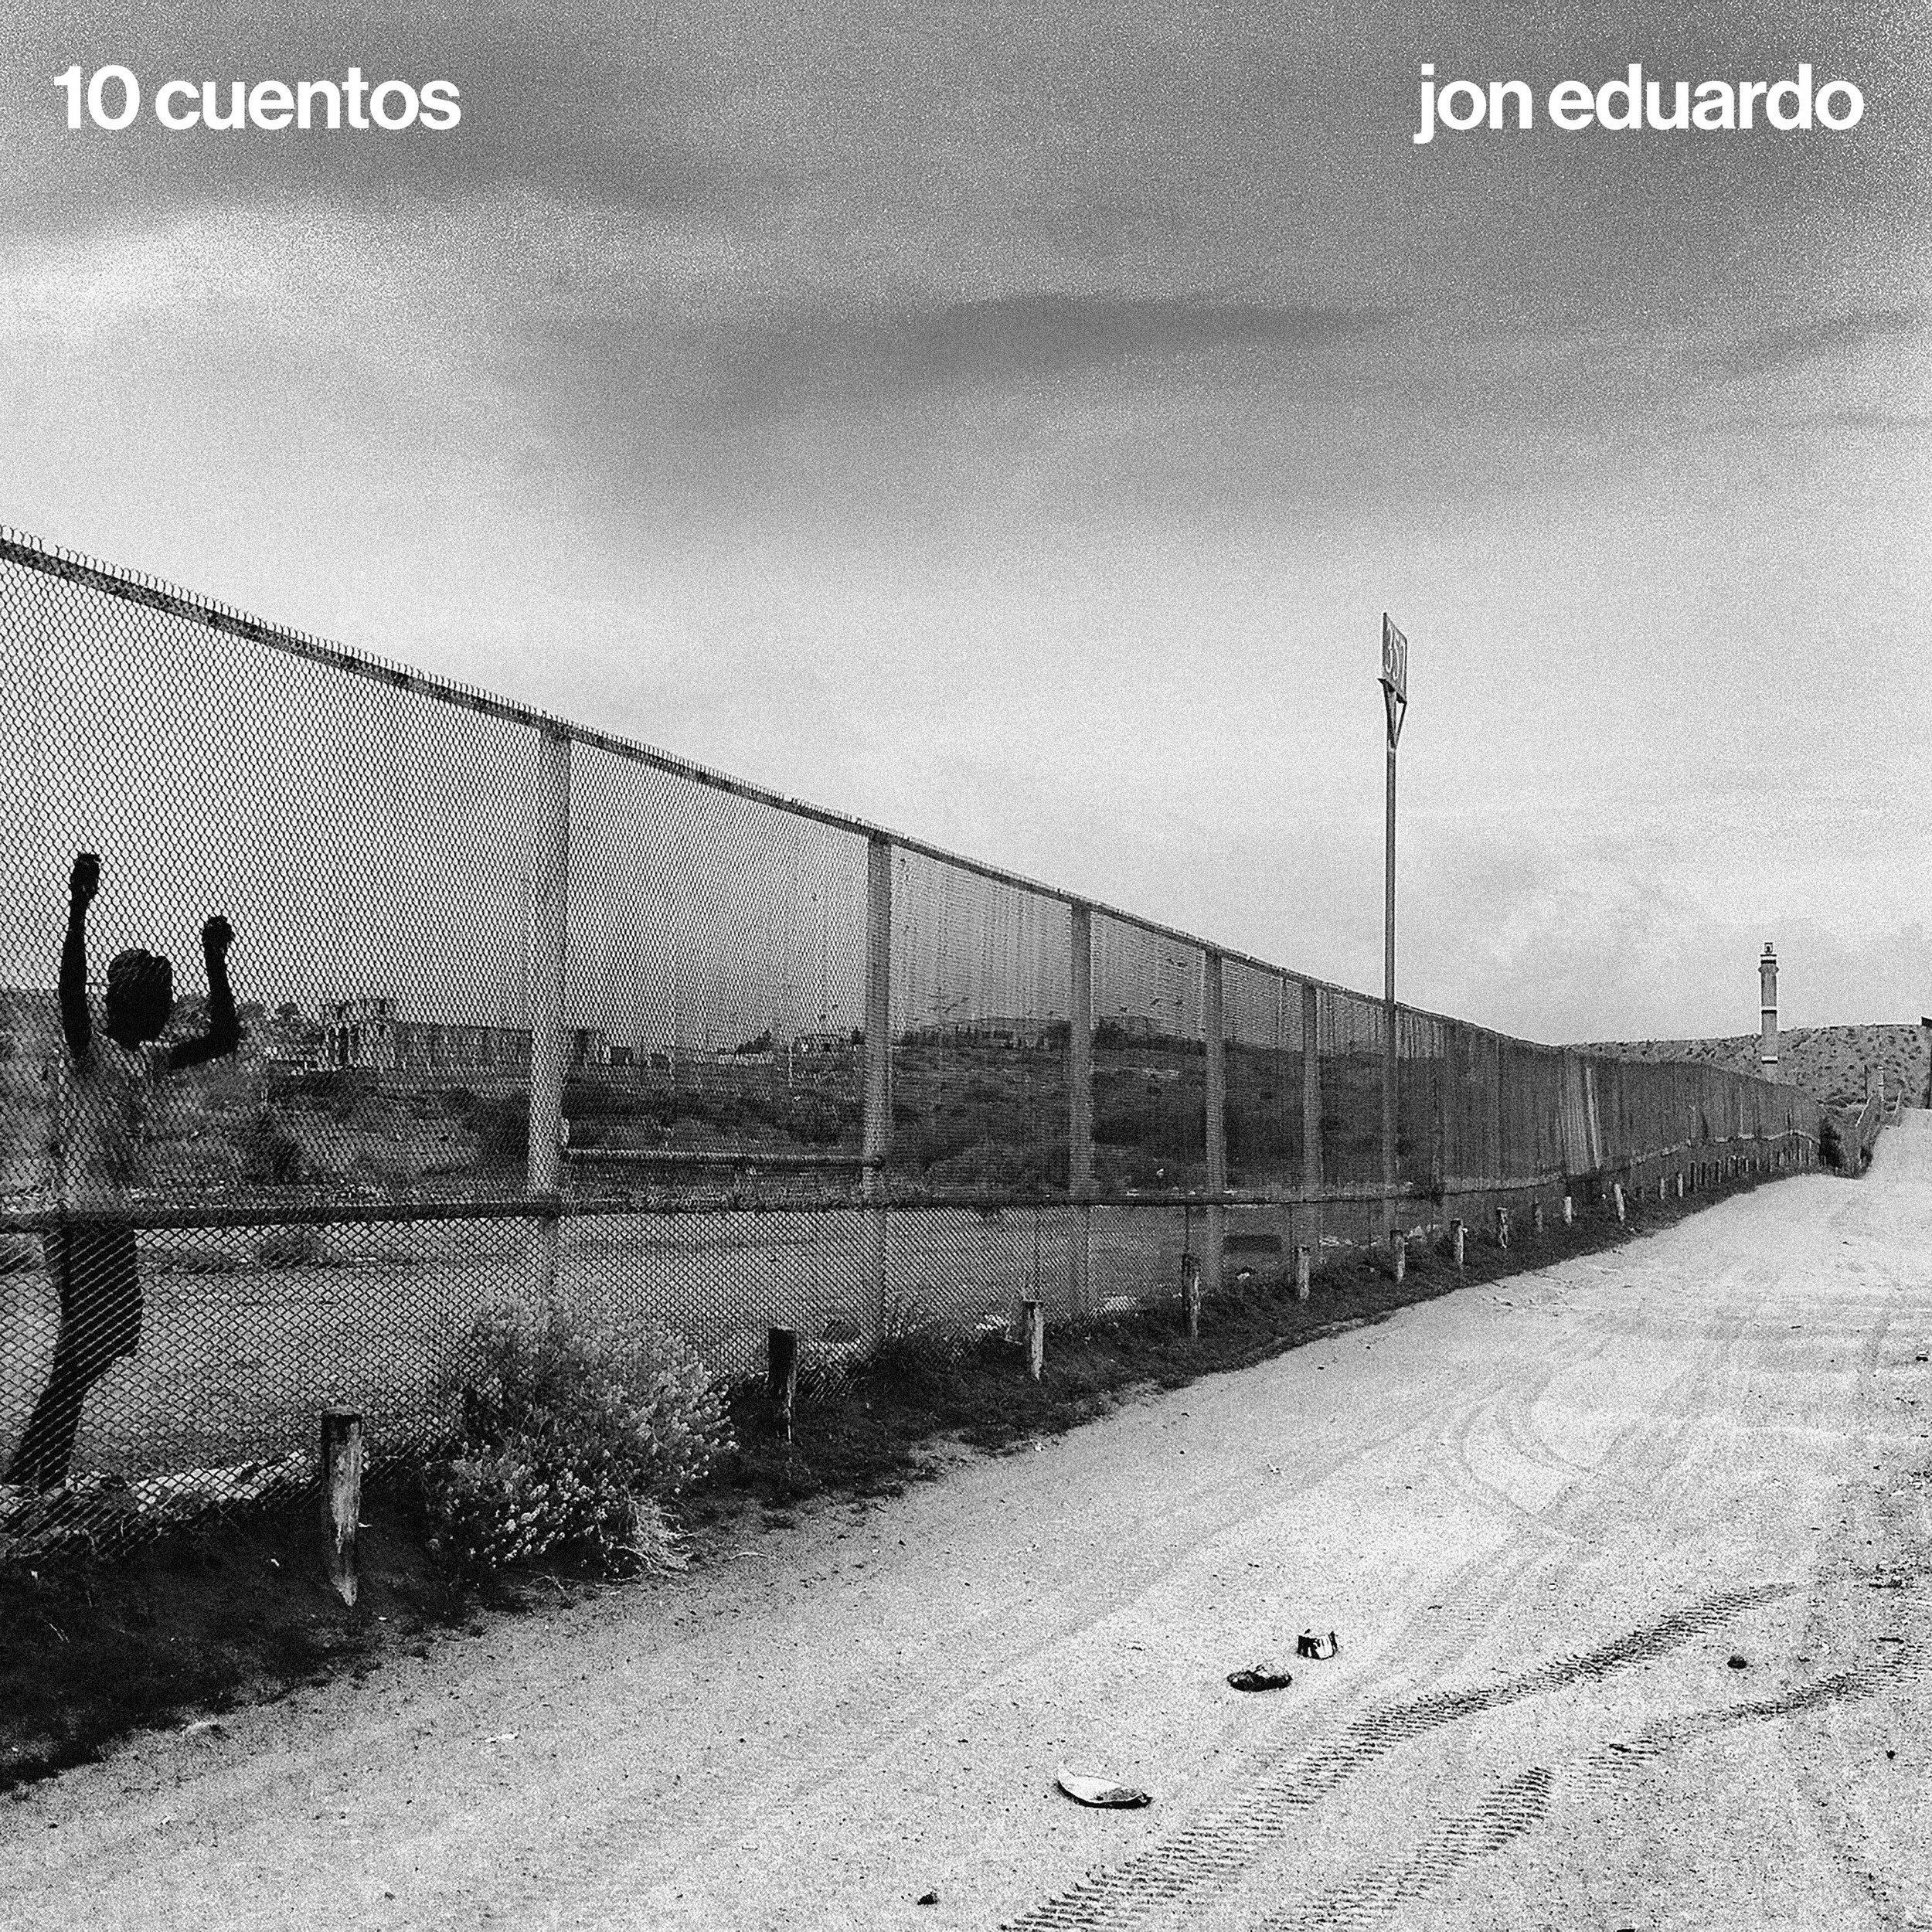 JON_EDUARDO_COVER_180112.jpg